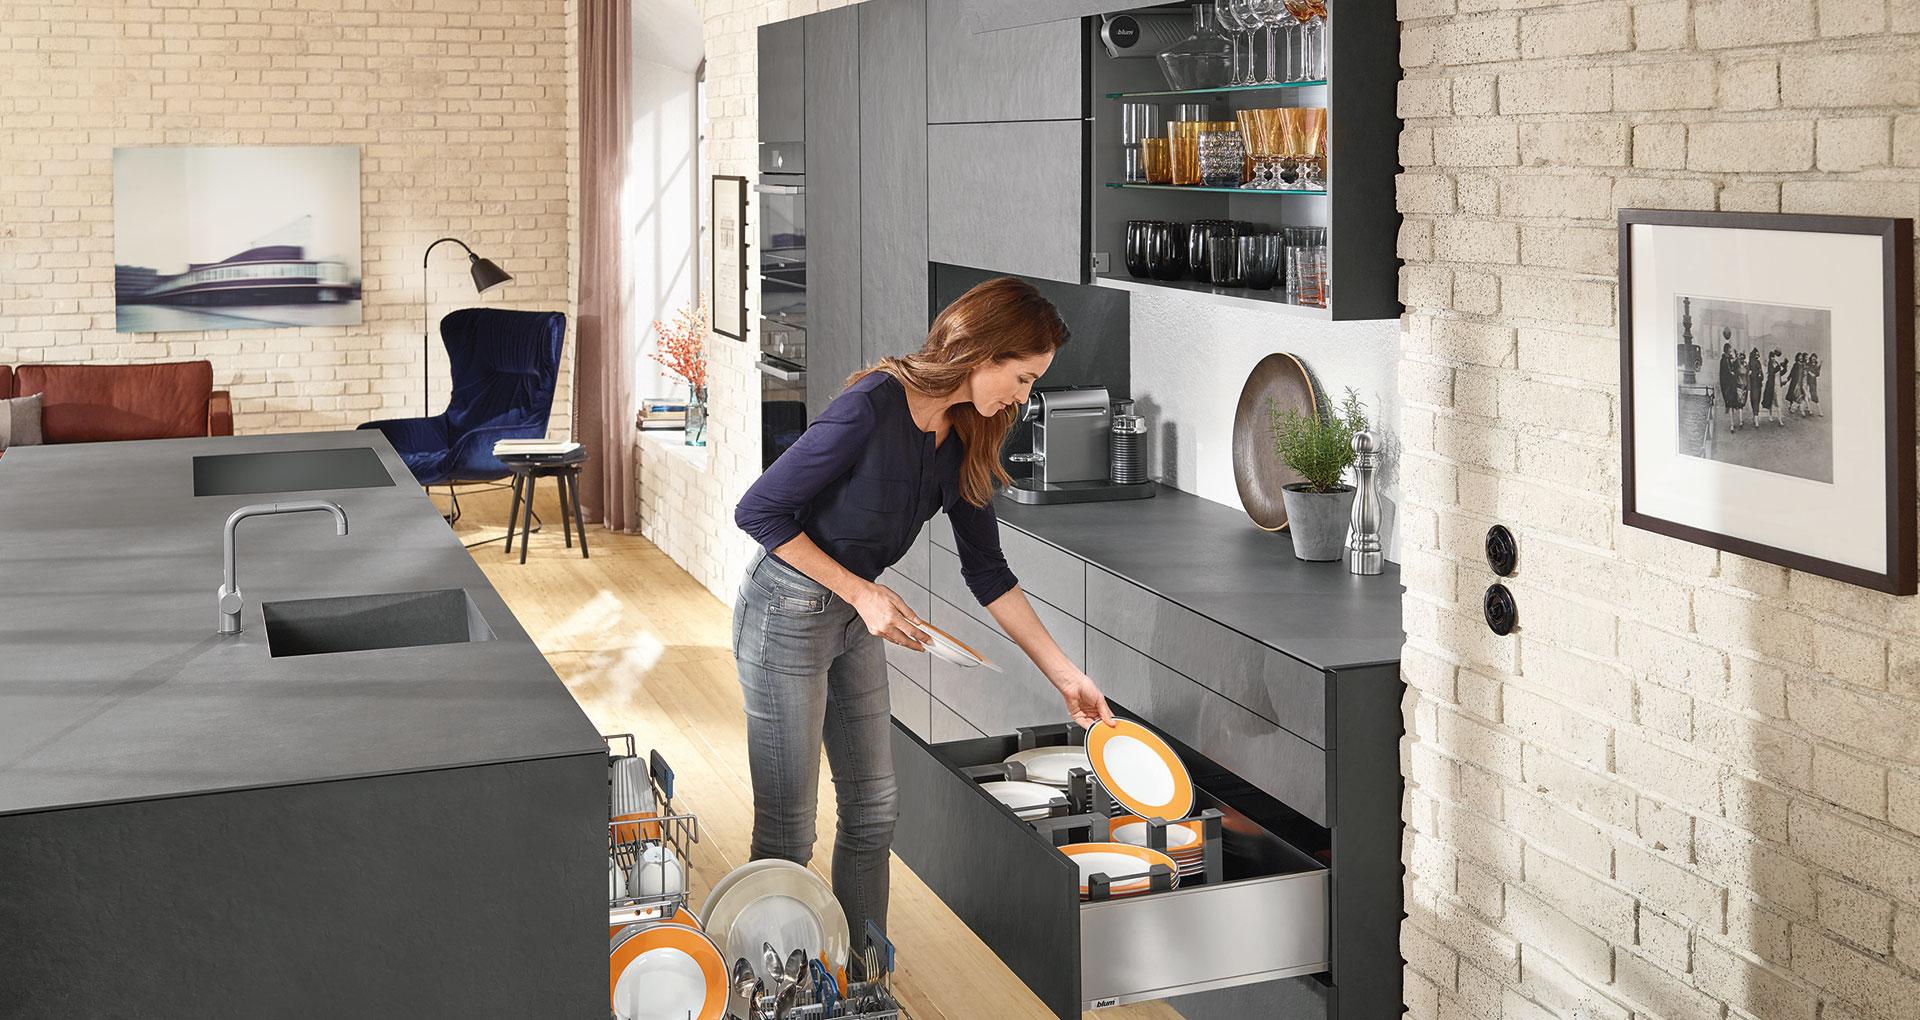 Дизайн кухні має підкреслювати її комфорт і ергономіку